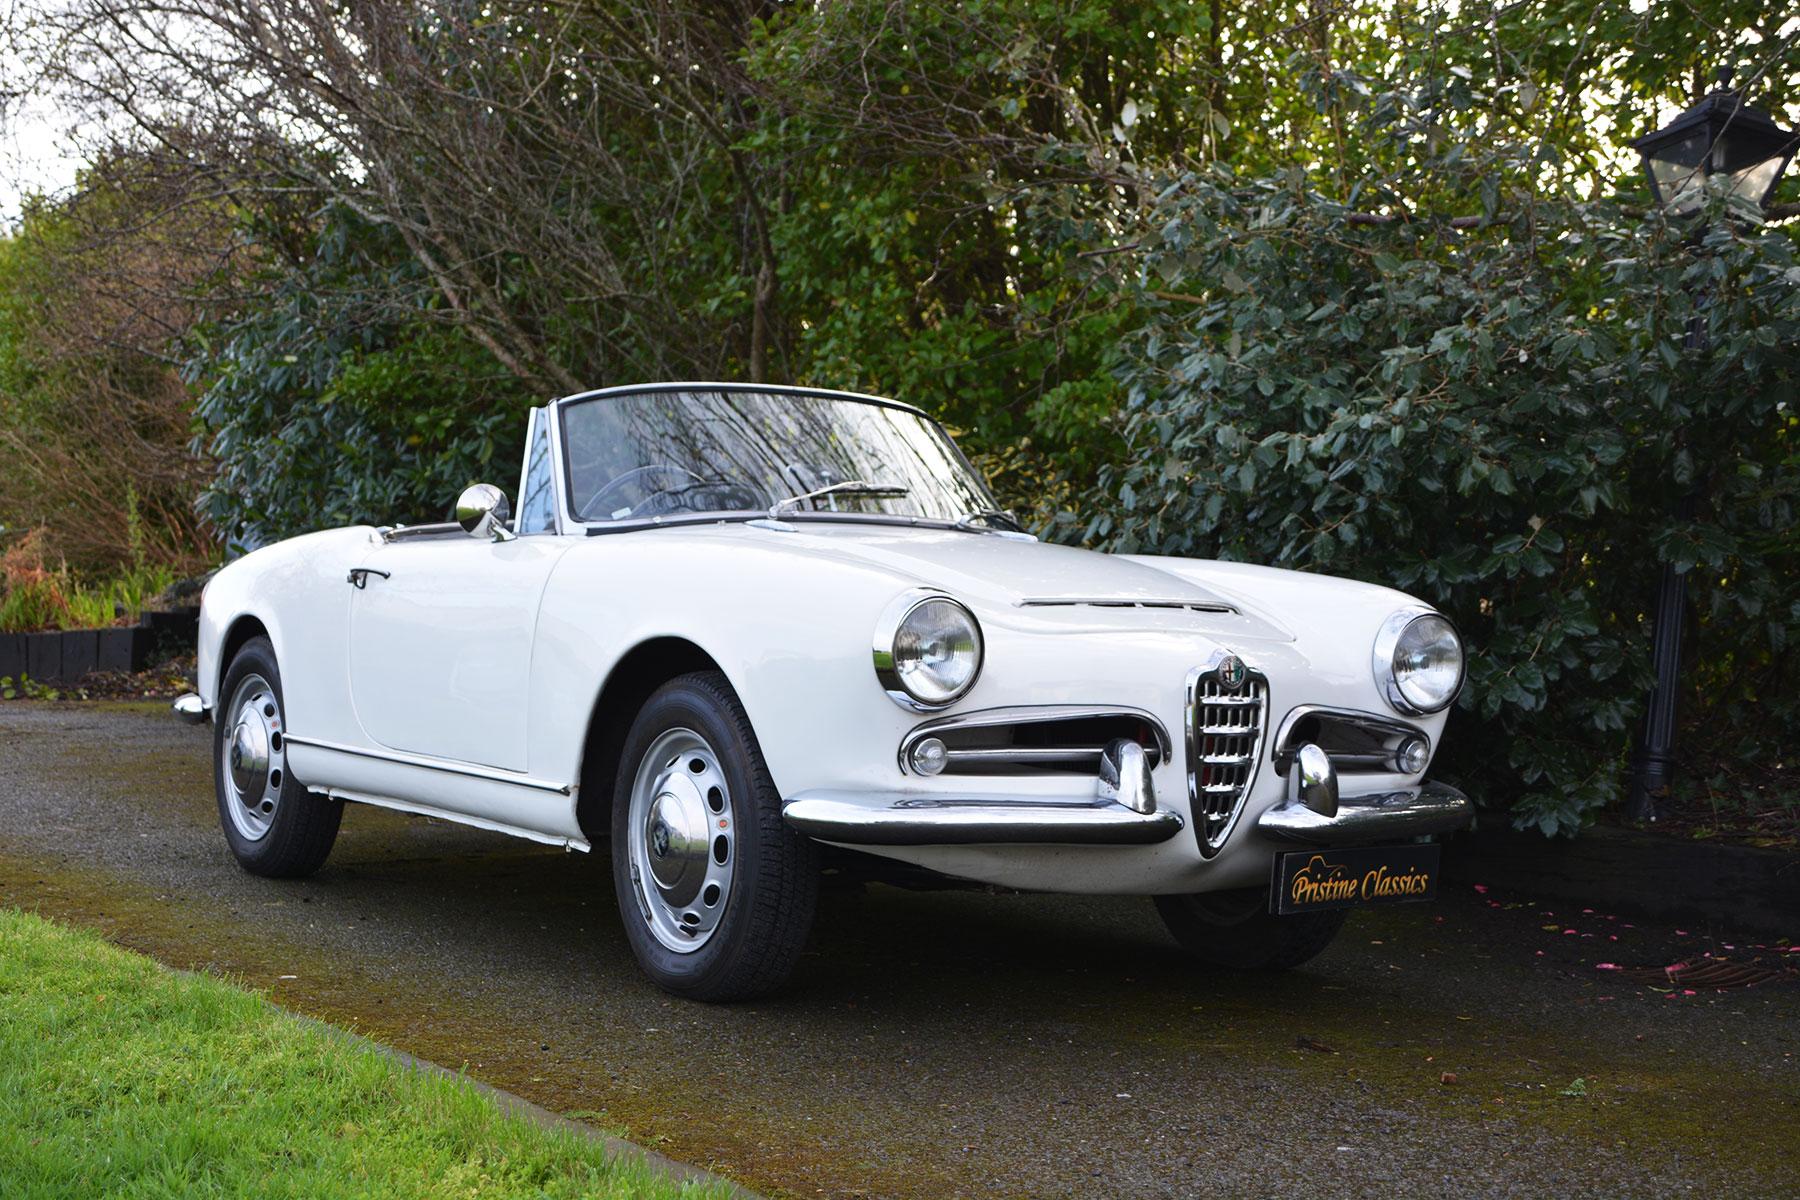 Alfa Romeo 1963 Giulia 101 Spider Rhd Pristine Classics